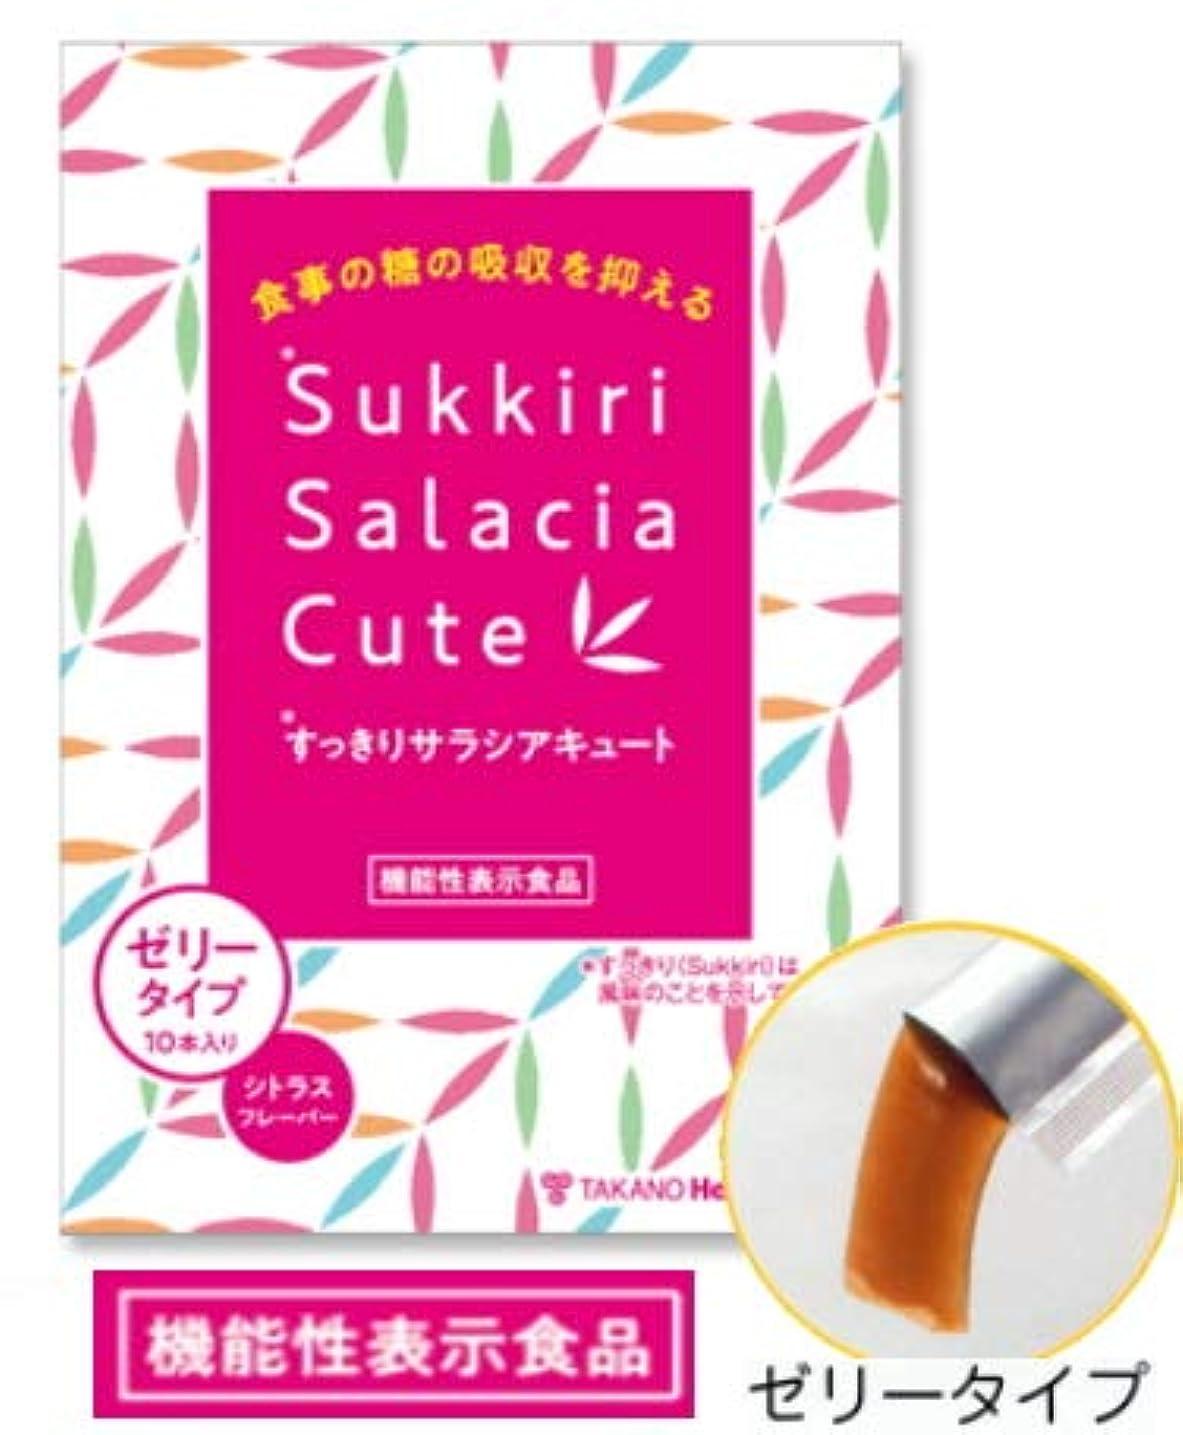 宇宙のポータル誠実食事の糖の吸収を抑える すっきり サラシア キュート ゼリーダイプ 10本入【機能性表示食品】